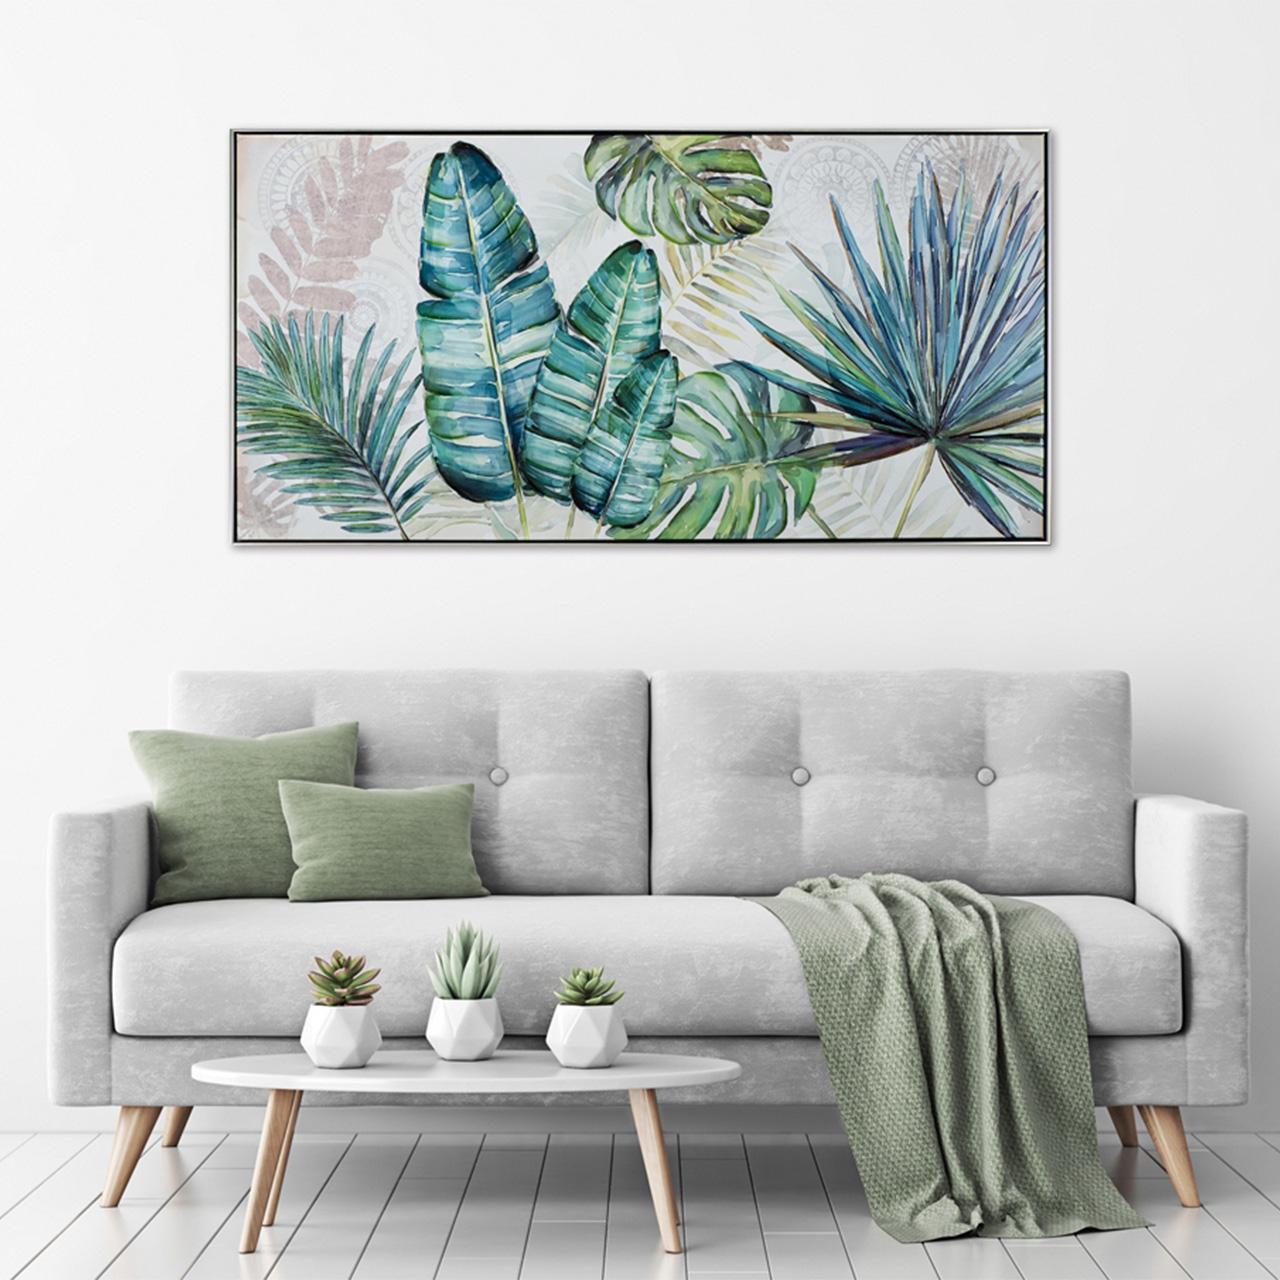 Imageland Bild Blätter in grün und blau